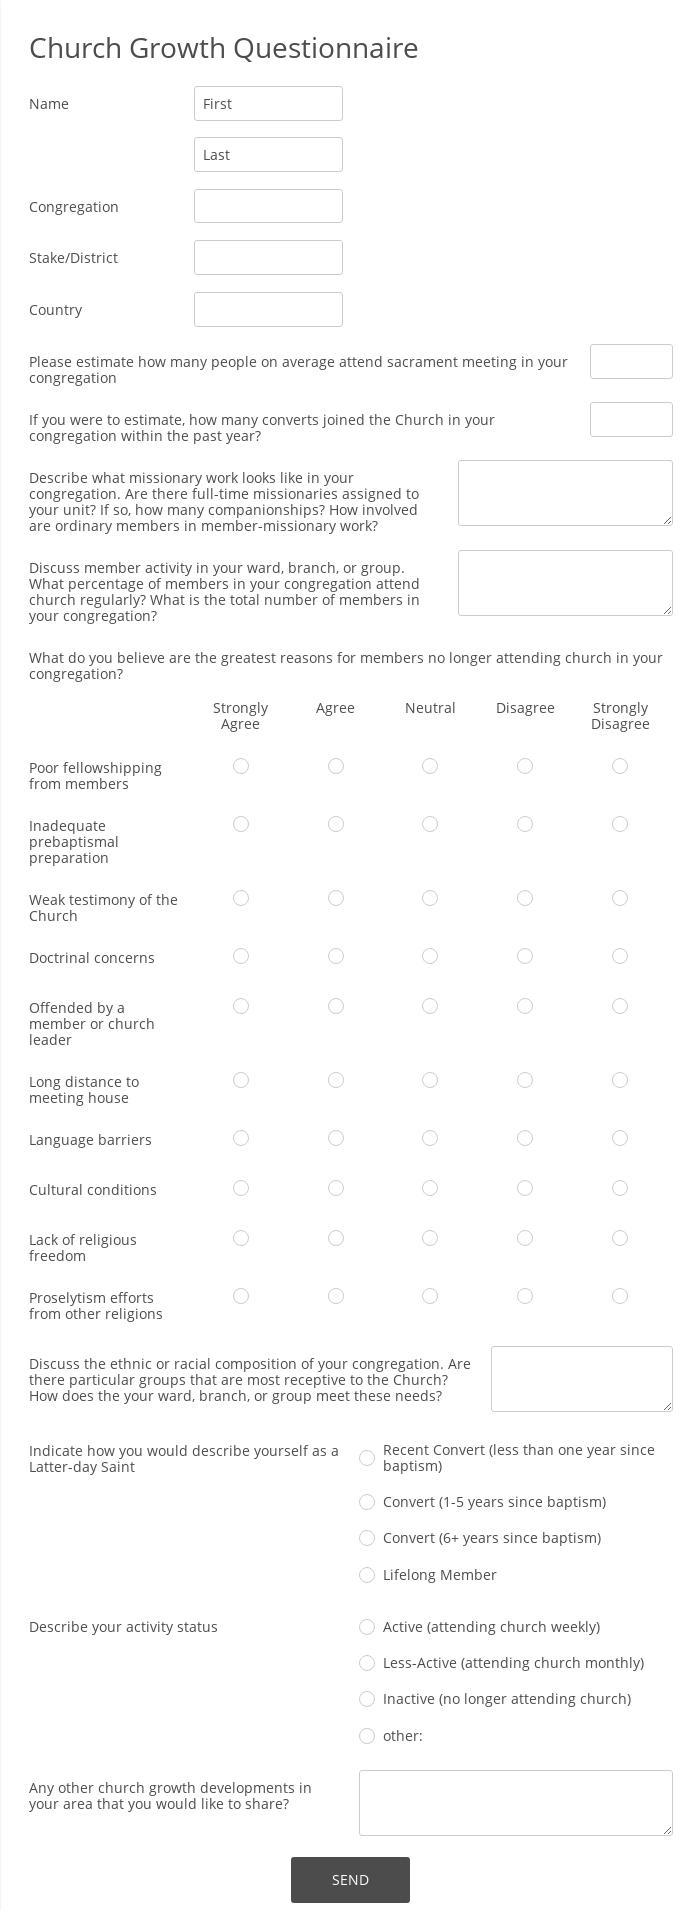 Church Growth Questionnaire